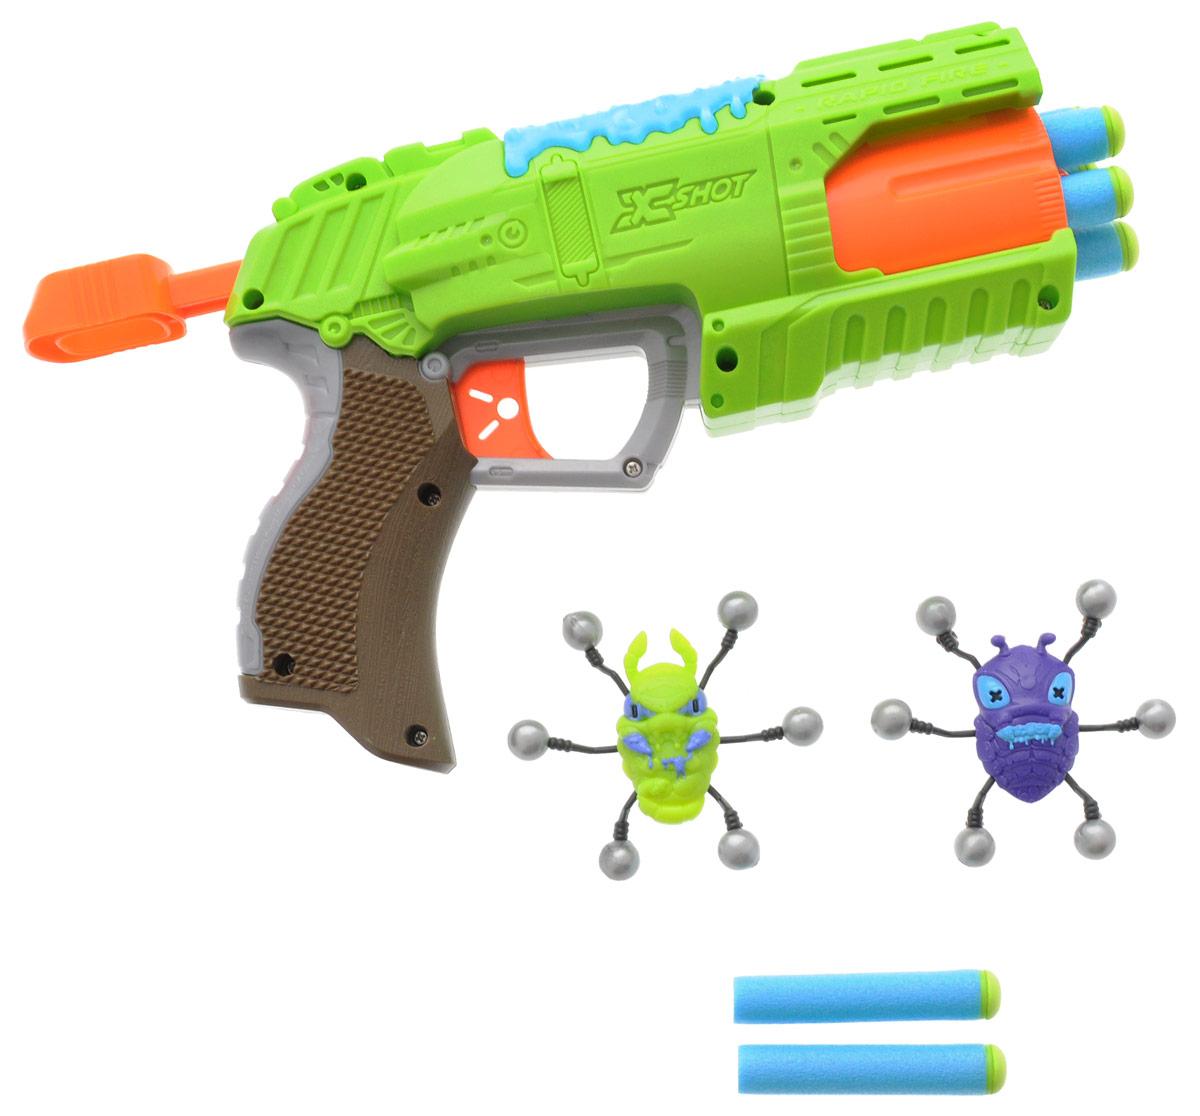 XSHOT Бластер Атака пауков4801Уникальное дальнобойное игрушечное оружие - бластер XSHOT Атака пауков - позволит вашему ребенку почувствовать себя во всеоружии! Бластер выполнен из прочного пластика яркого цвета. Игрушка стреляет на расстояние до 17 метров. Стрелы изготовлены из вспененной резины, что делает их абсолютно безопасными для человека, даже при попадании с близкого расстояния! В комплект входят два паука, которые медленно сползают вниз, будучи прикрепленными к гладкой поверхности и 8 стрел. Игра с таким оружием поможет ребенку в развитии меткости, ловкости, координации движений и сноровки.